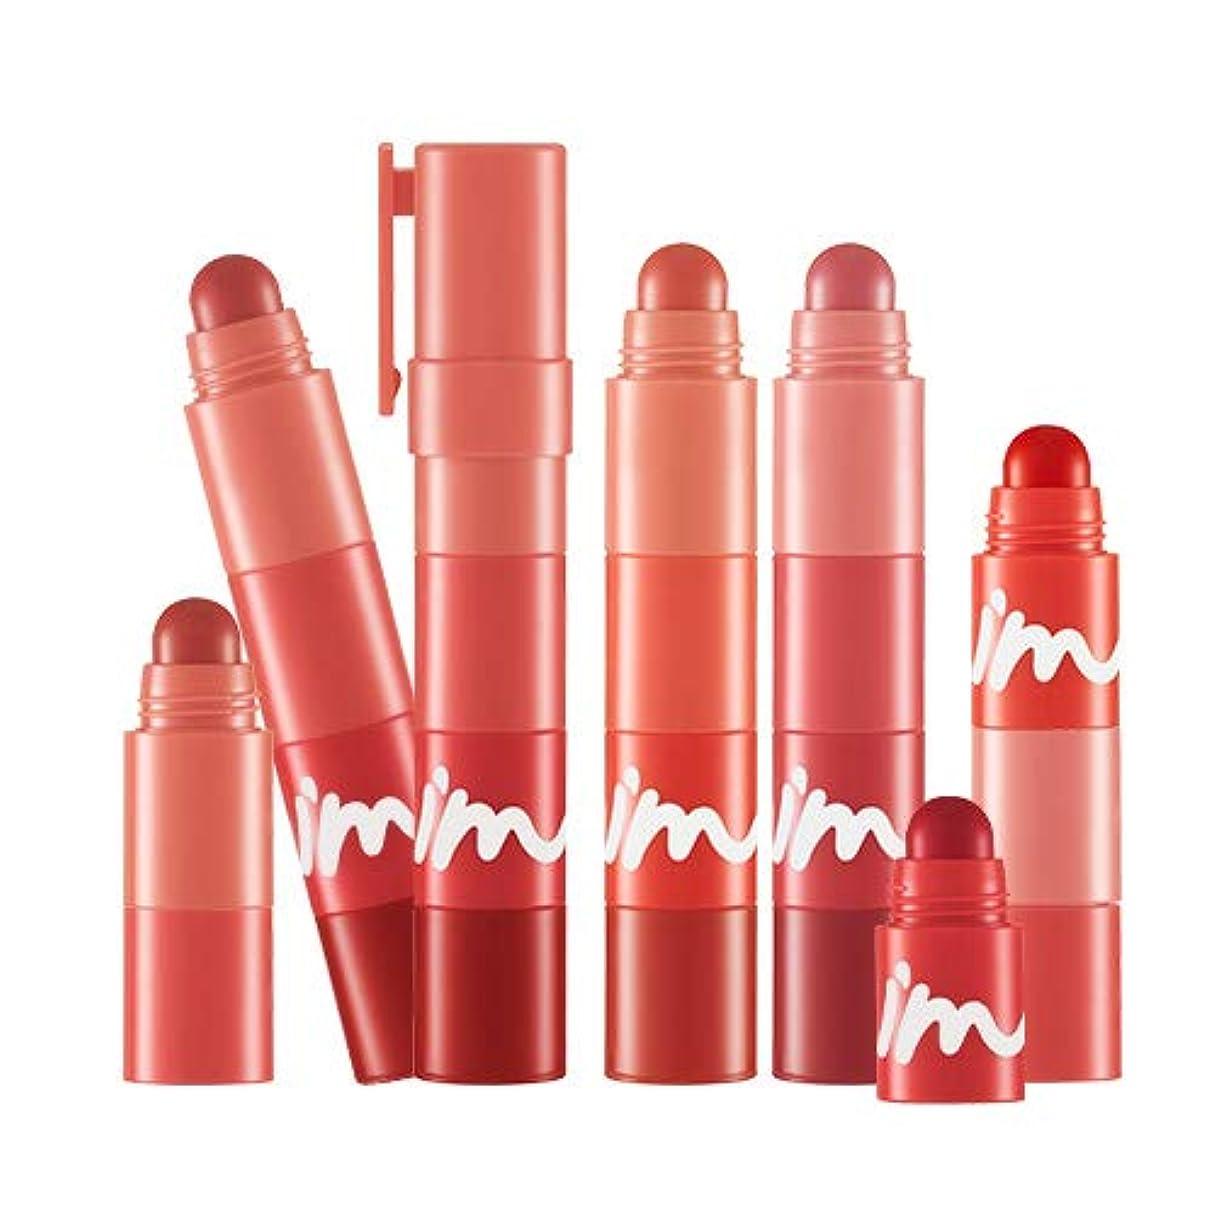 似ている想像力豊かなI'M MEME マルチリップクリヨン - マット MULTI LIP CRAYON MATTE - MATTE (#001 Red On My Lips) [並行輸入品]